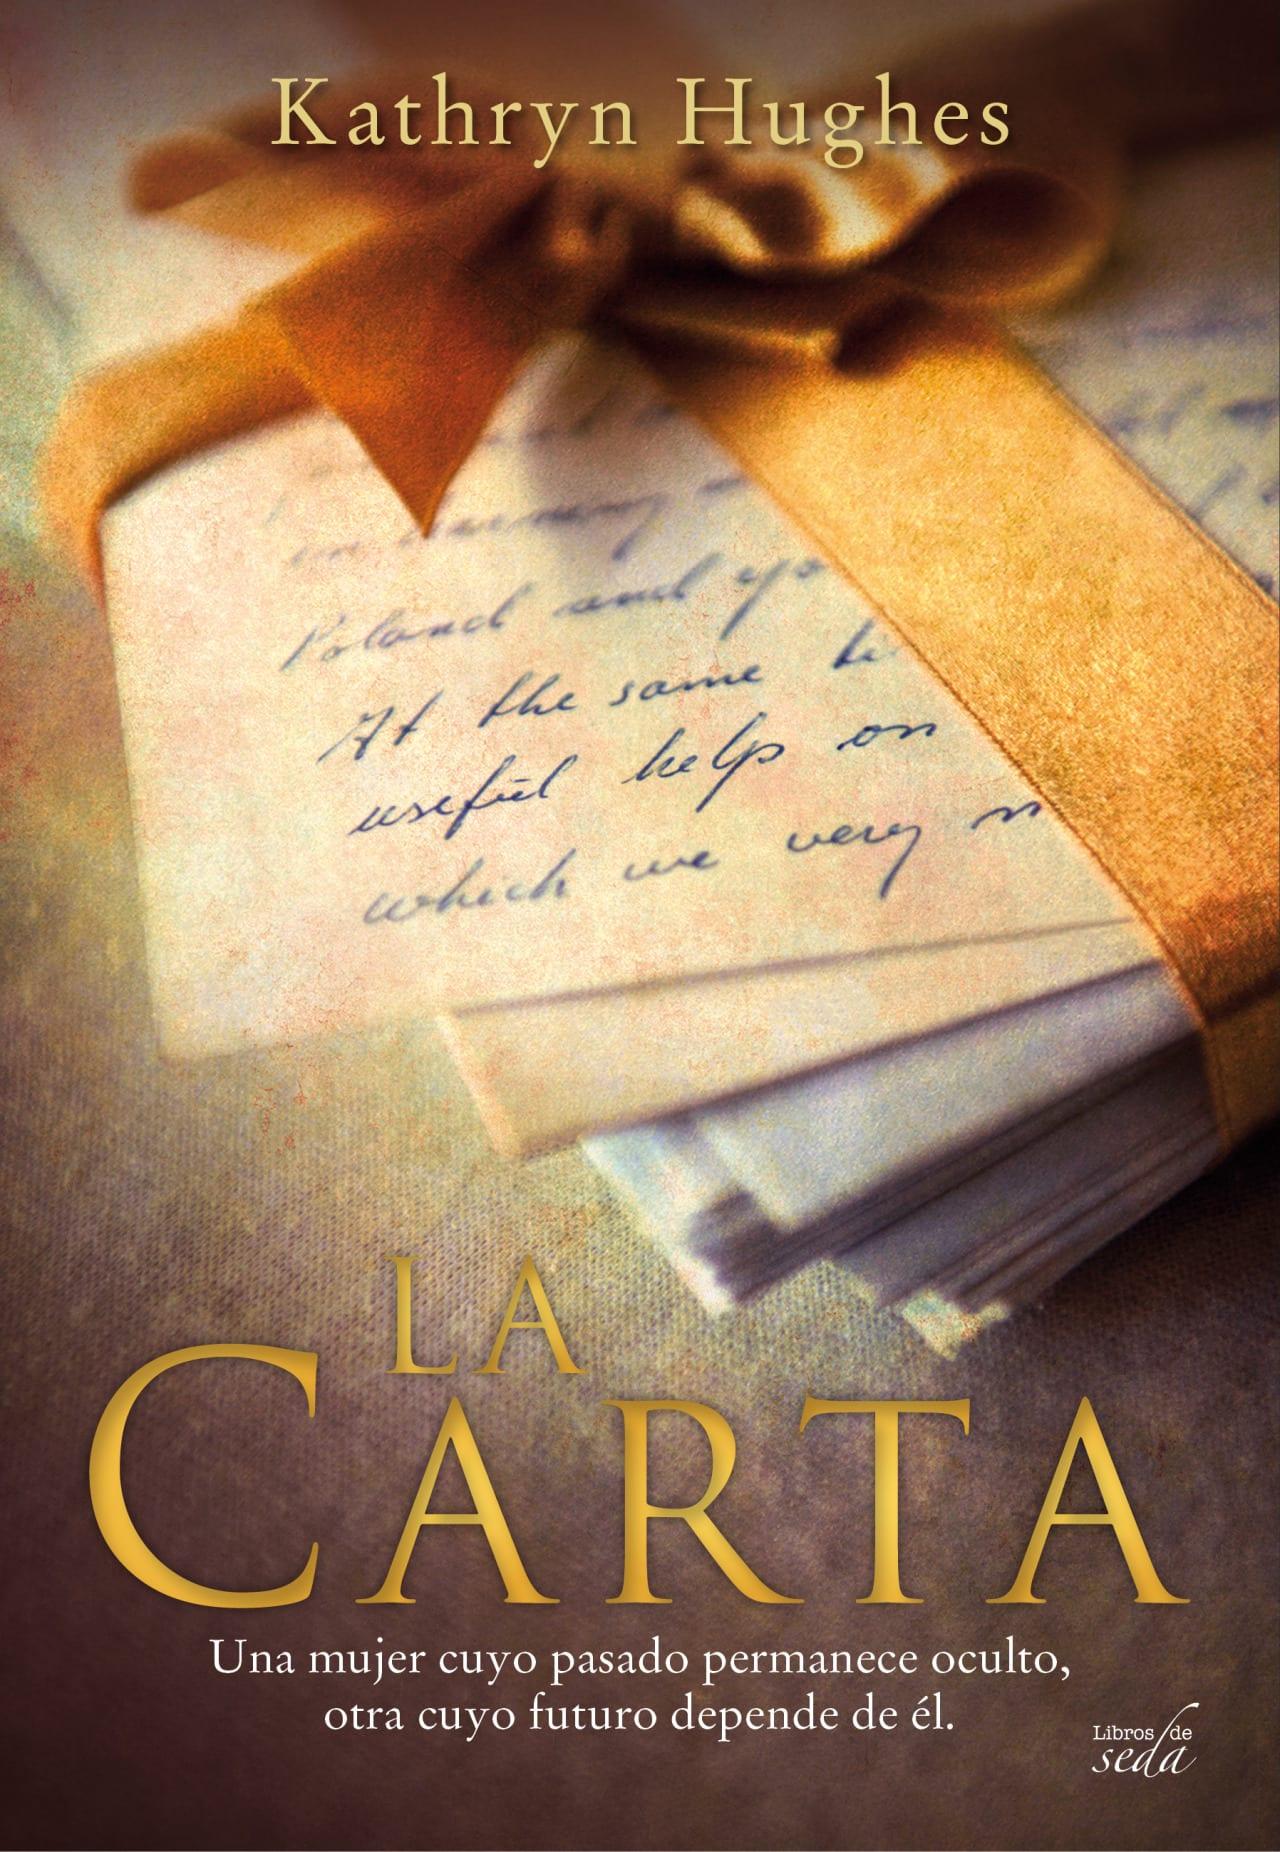 La carta, de Kathryn Hughes - Reseña